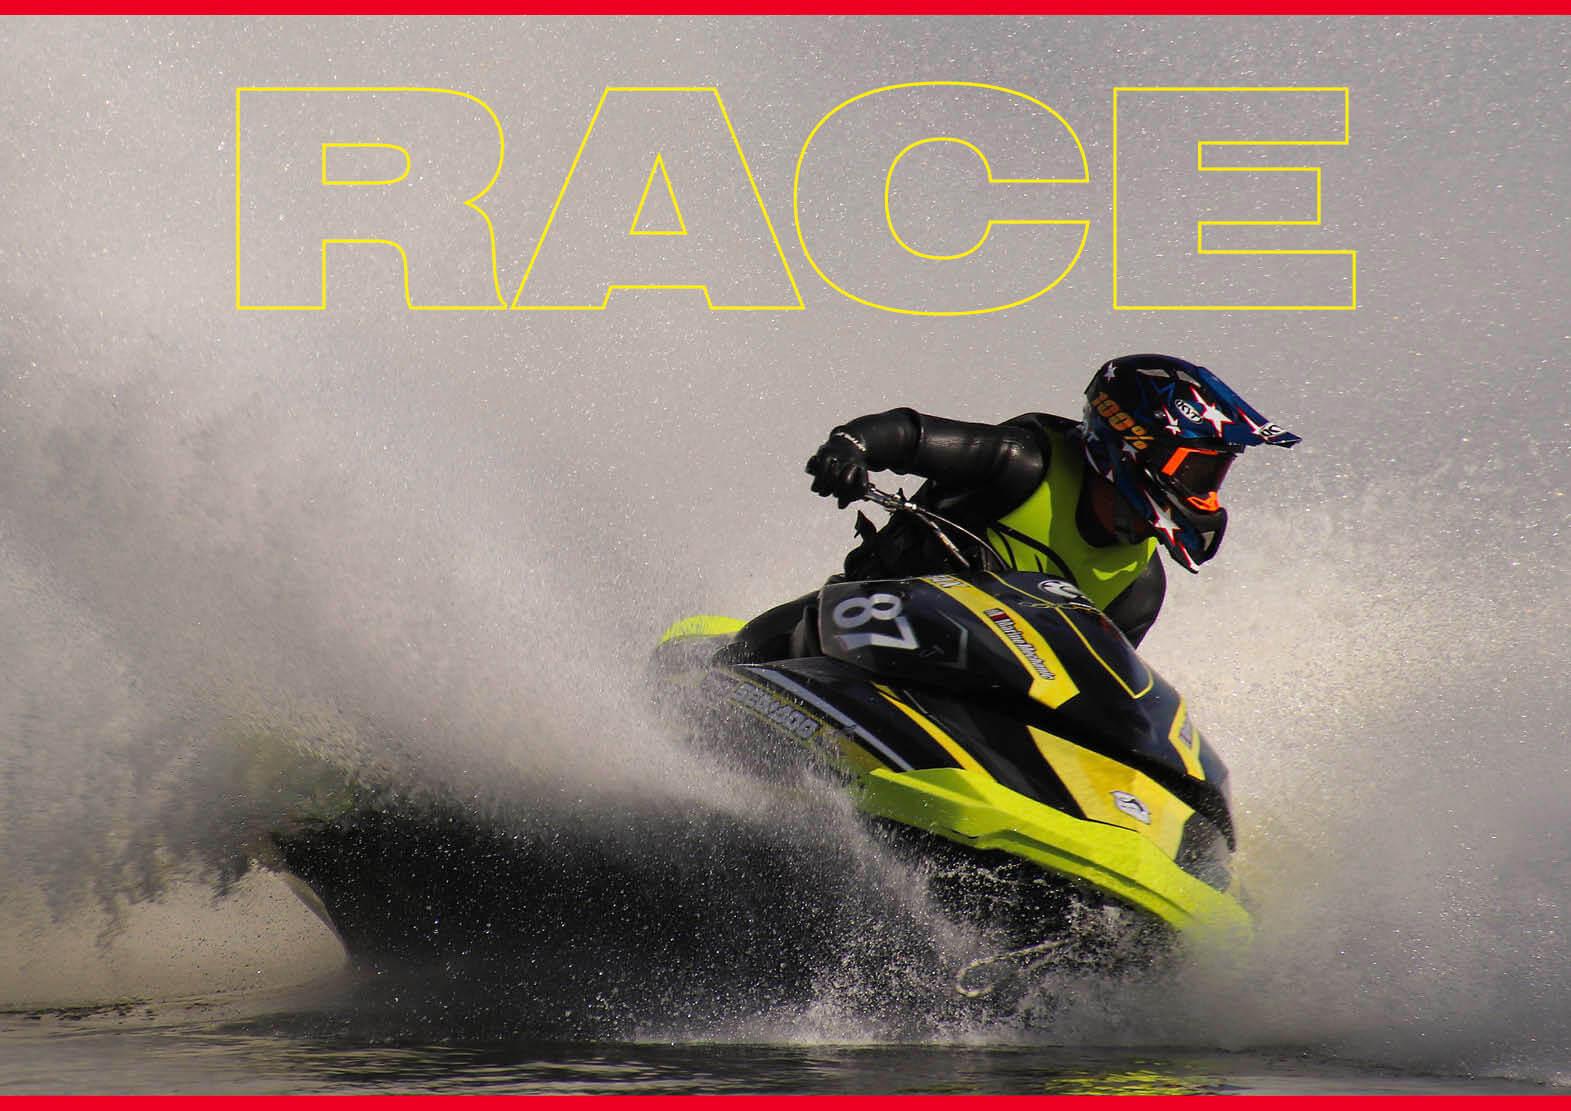 【レーススケジュール】2021年 日本ジェットスポーツ協会主催によるレーススケジュールが発表されました ジェットスキー(水上バイク)